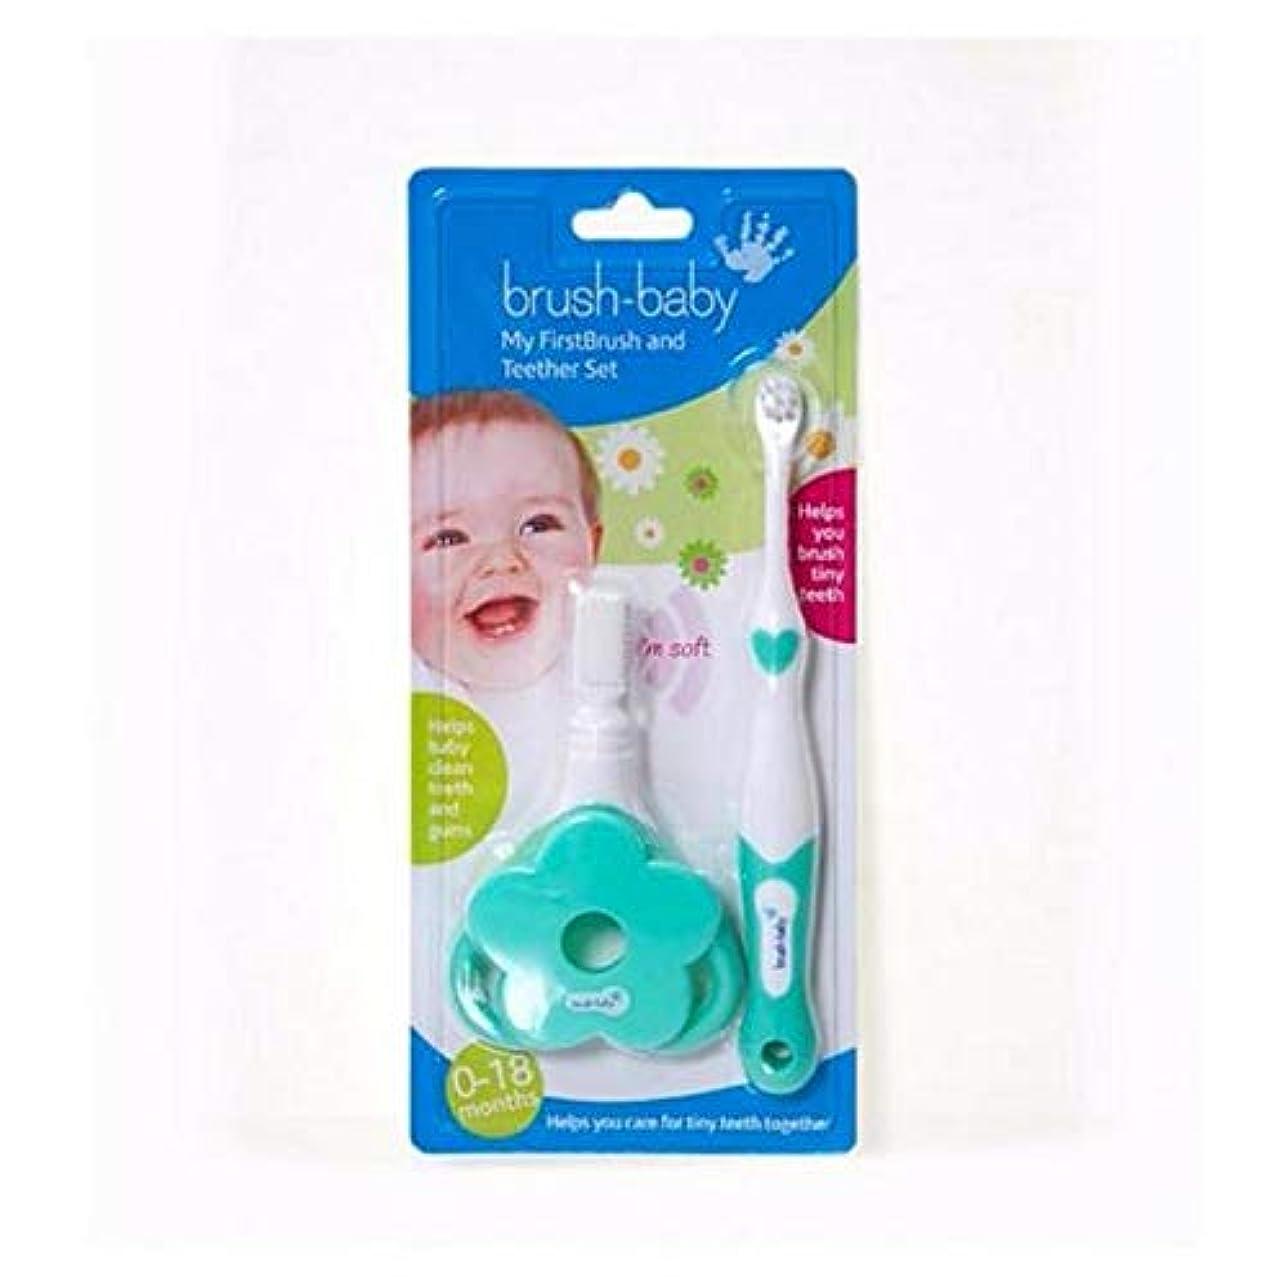 マスク検出するシード[Brush-Baby ] ブラシ赤ちゃんが私のFirstbrush&おしゃぶりはパックごとに2を設定します - Brush-Baby My FirstBrush & Teether Set 2 per pack [並行輸入品]